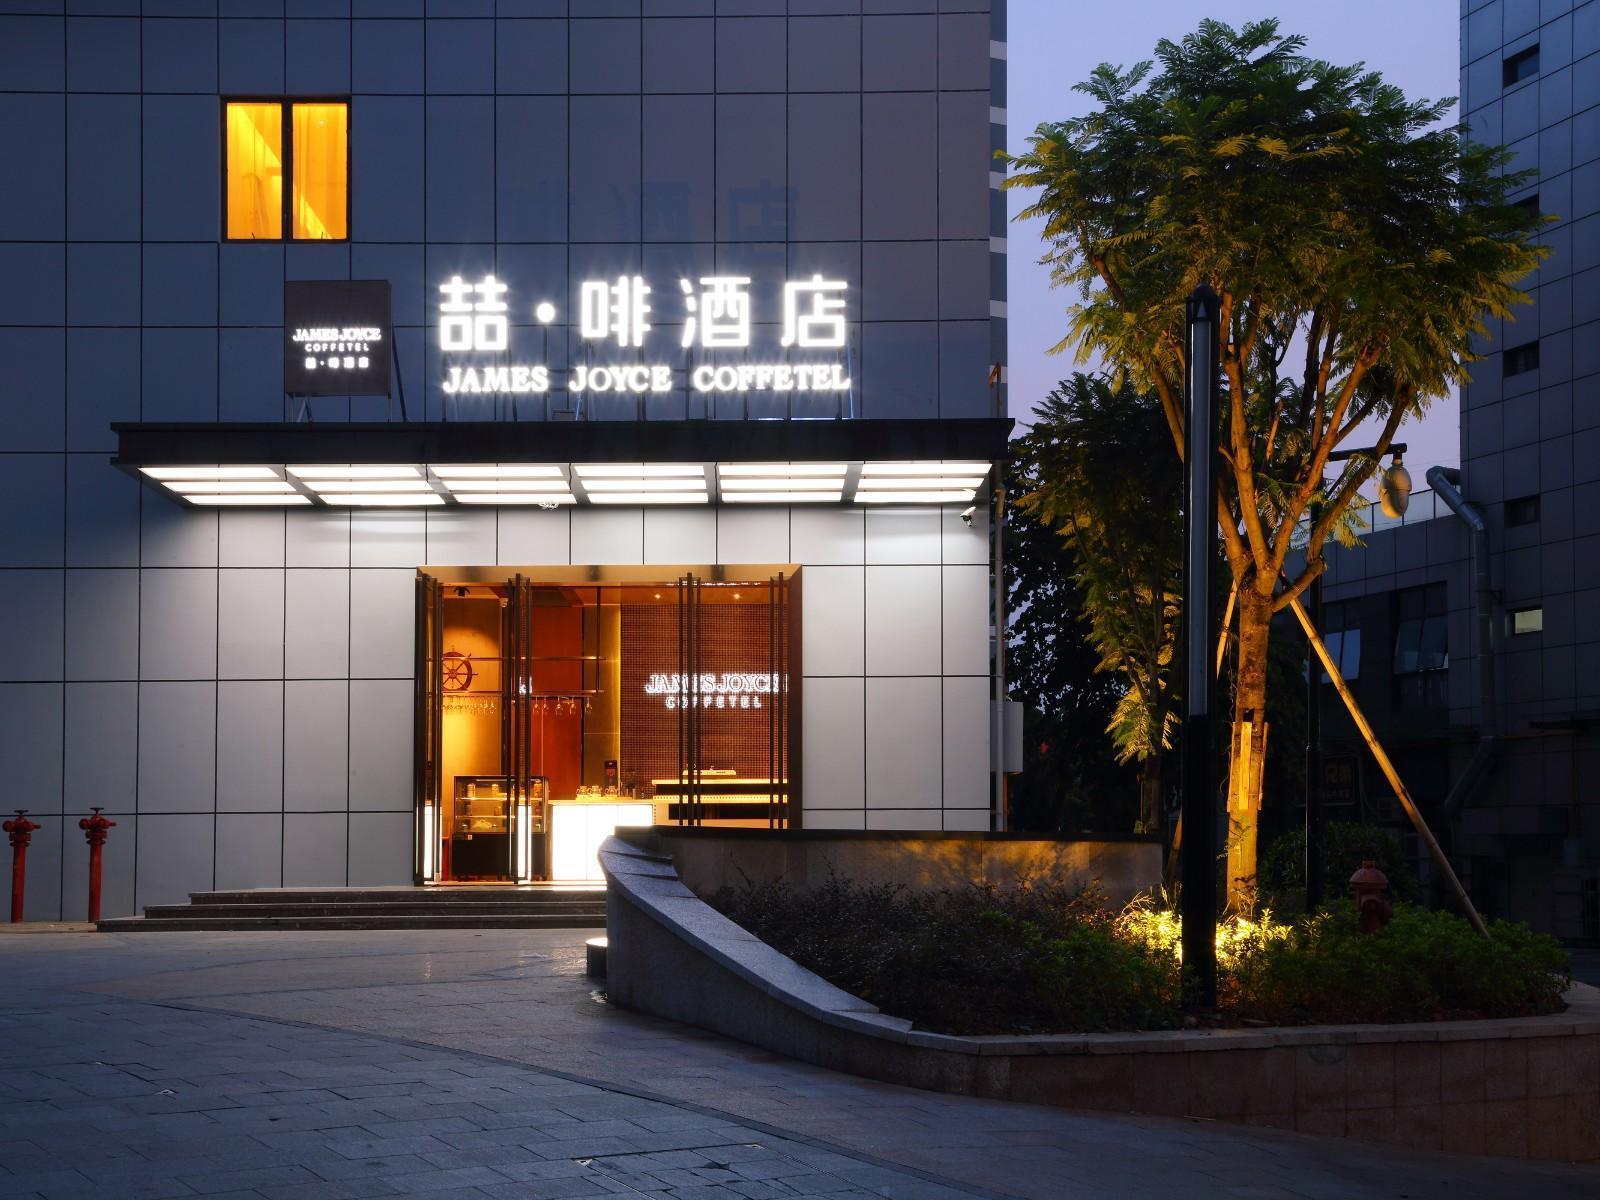 James Joyce Coffetel�Shenzhen Huanan City